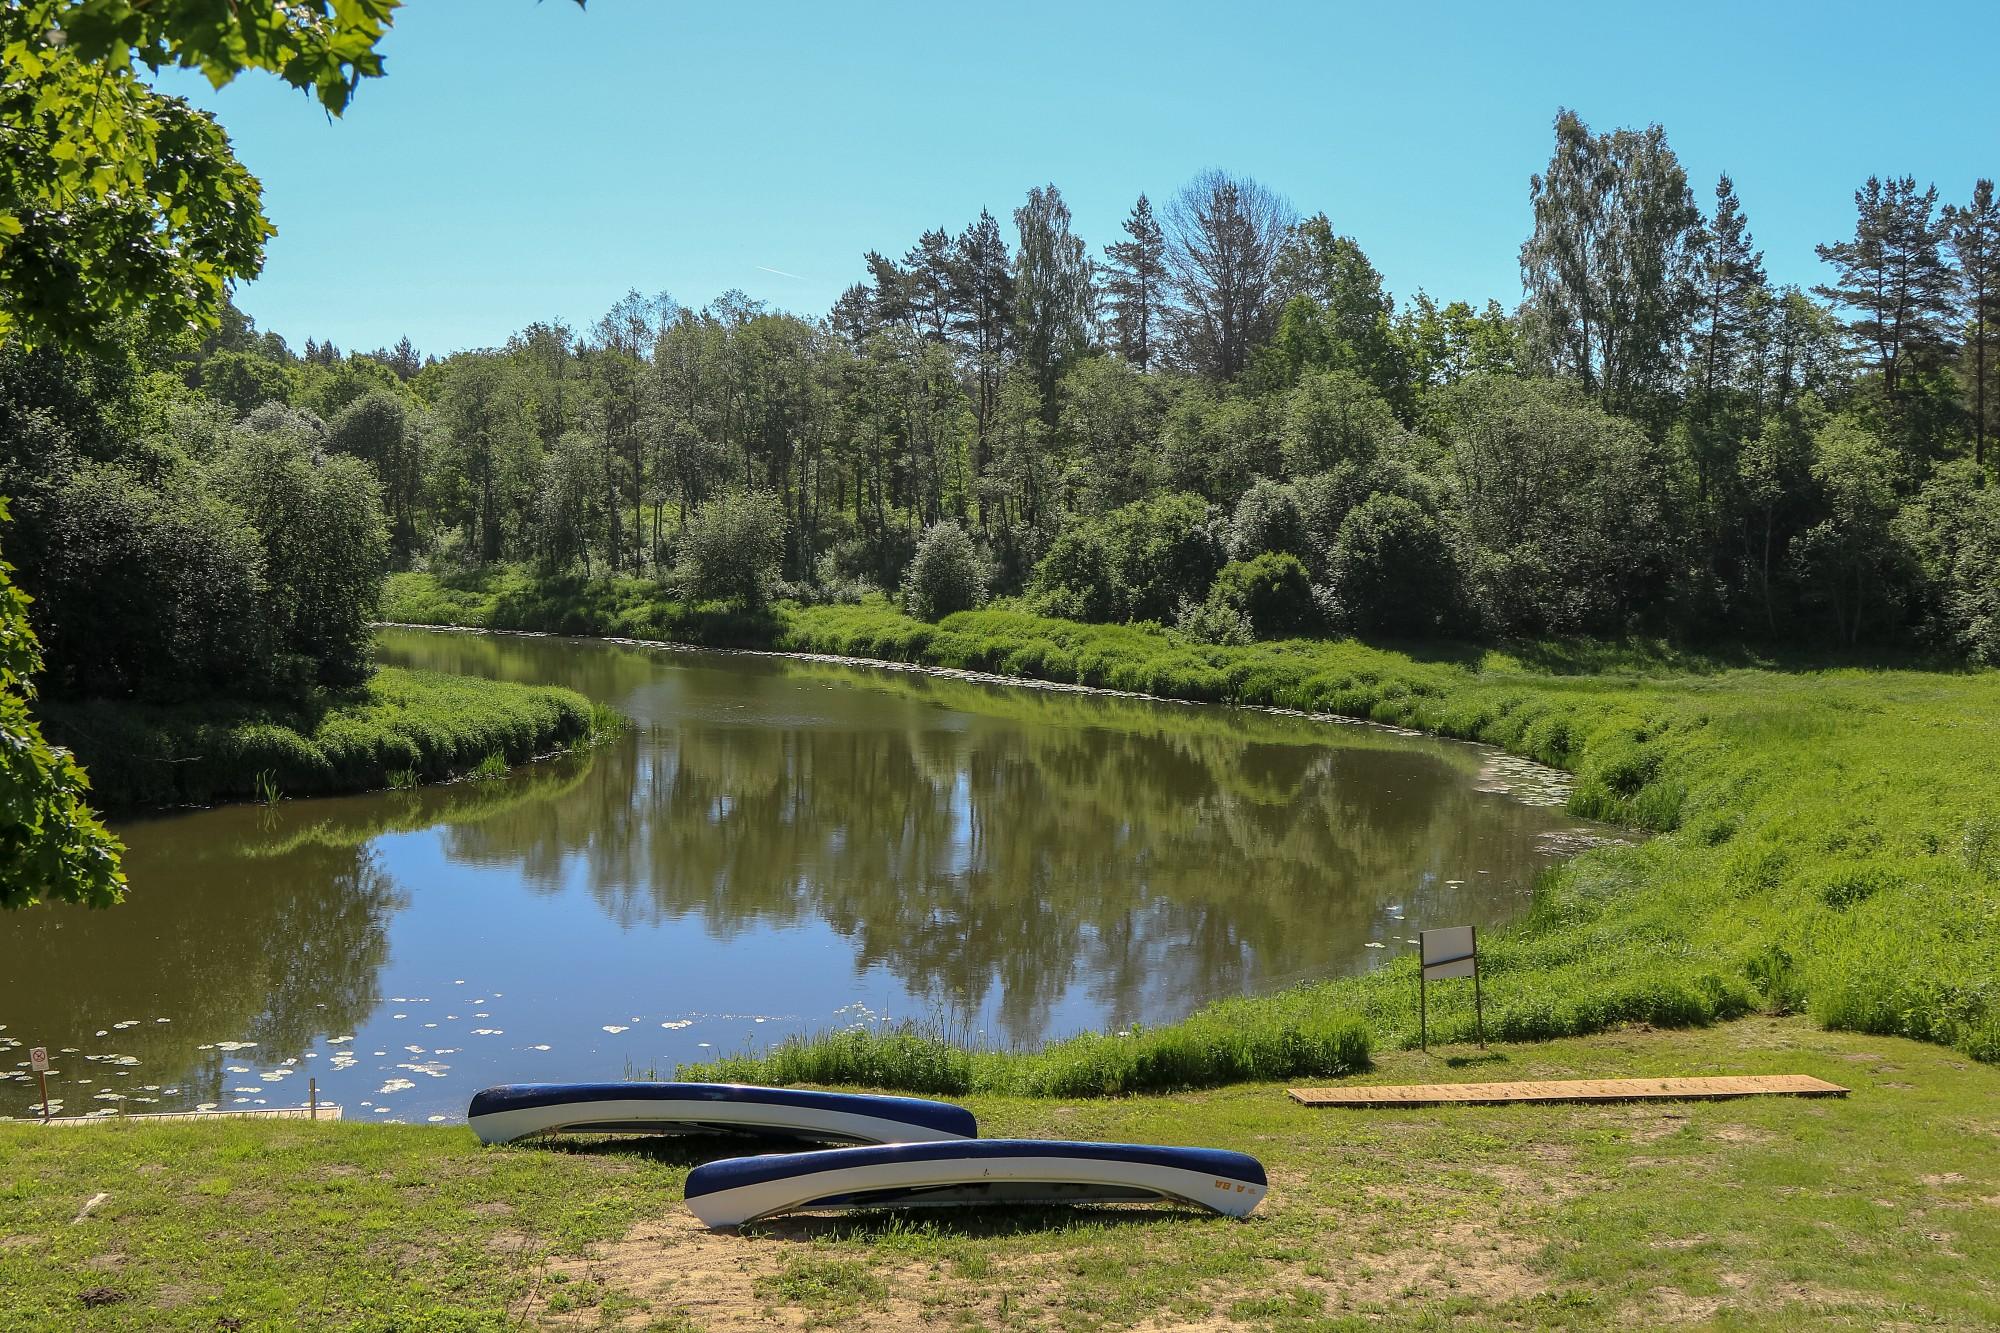 Upēs ūdens līmenis vietām kāpis par nepilniem diviem metriem